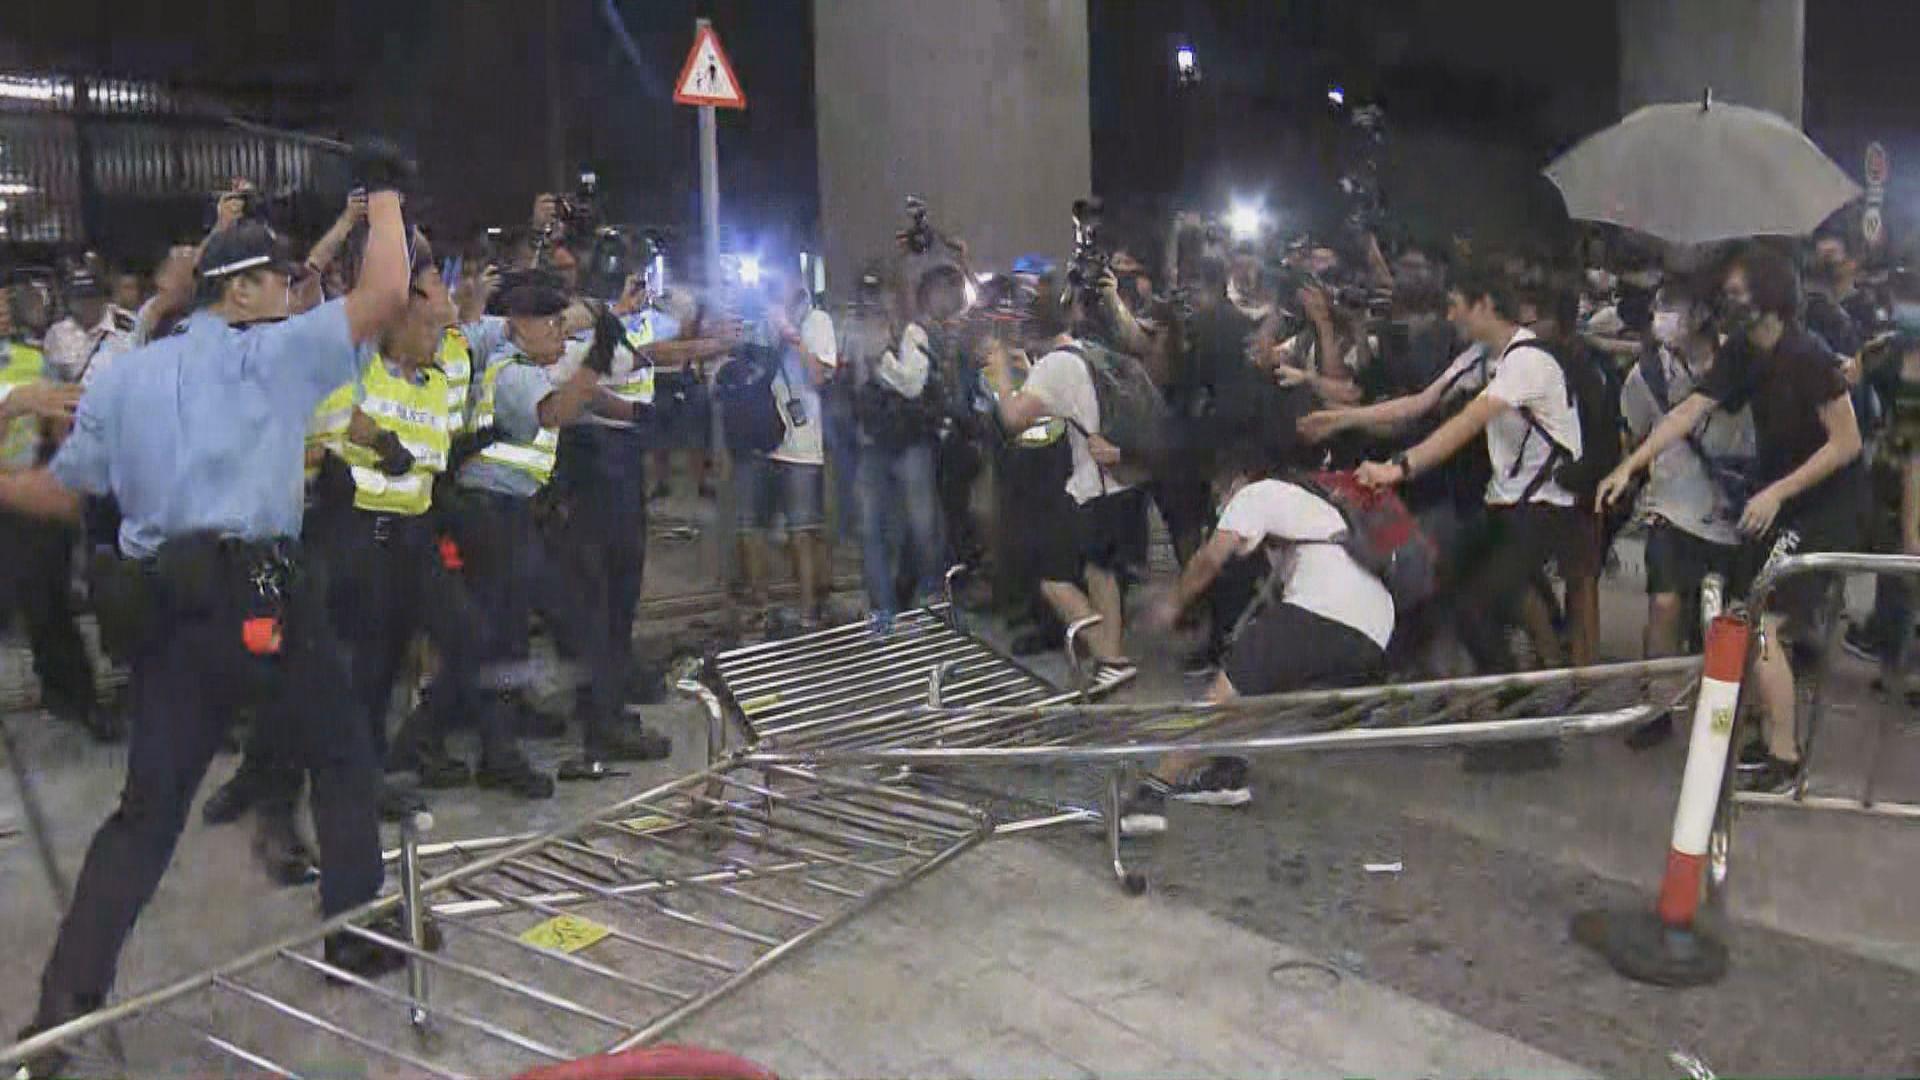 反修例遊行後有示威者衝擊立法會及堵路